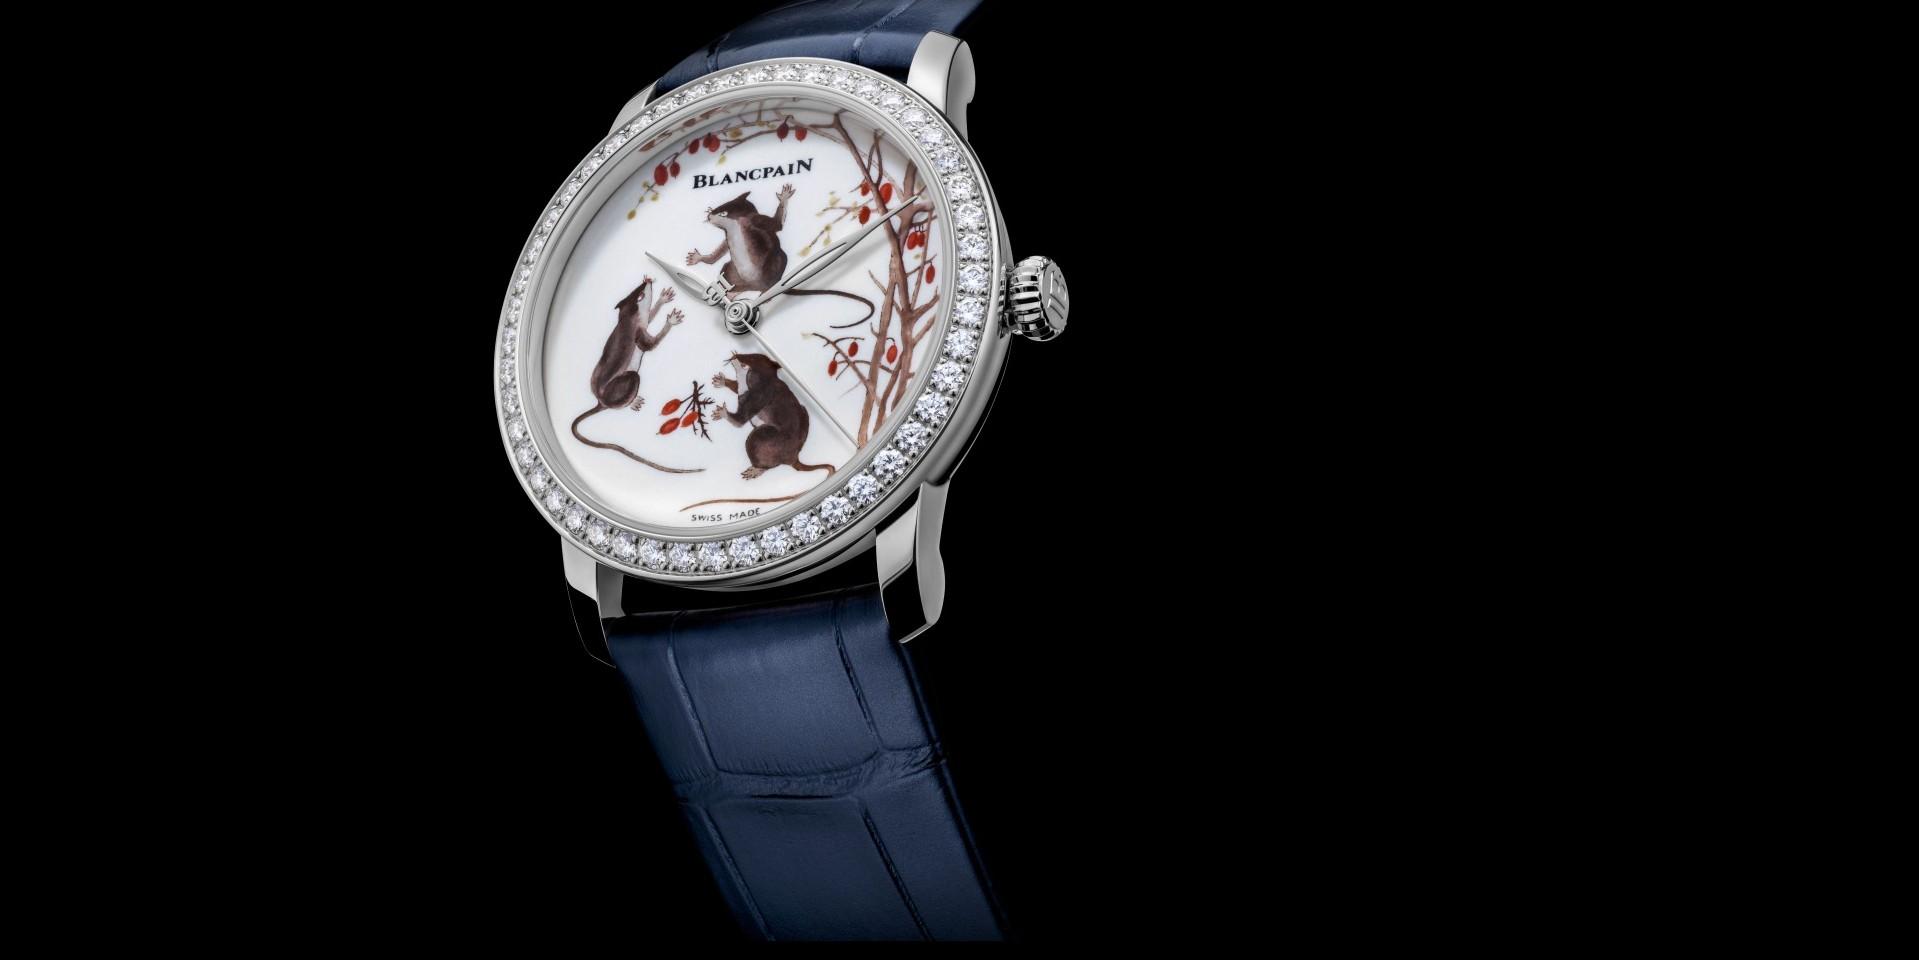 實「鼠」雅趣:寶珀Métiers d'Art鼠年古瓷工藝腕錶